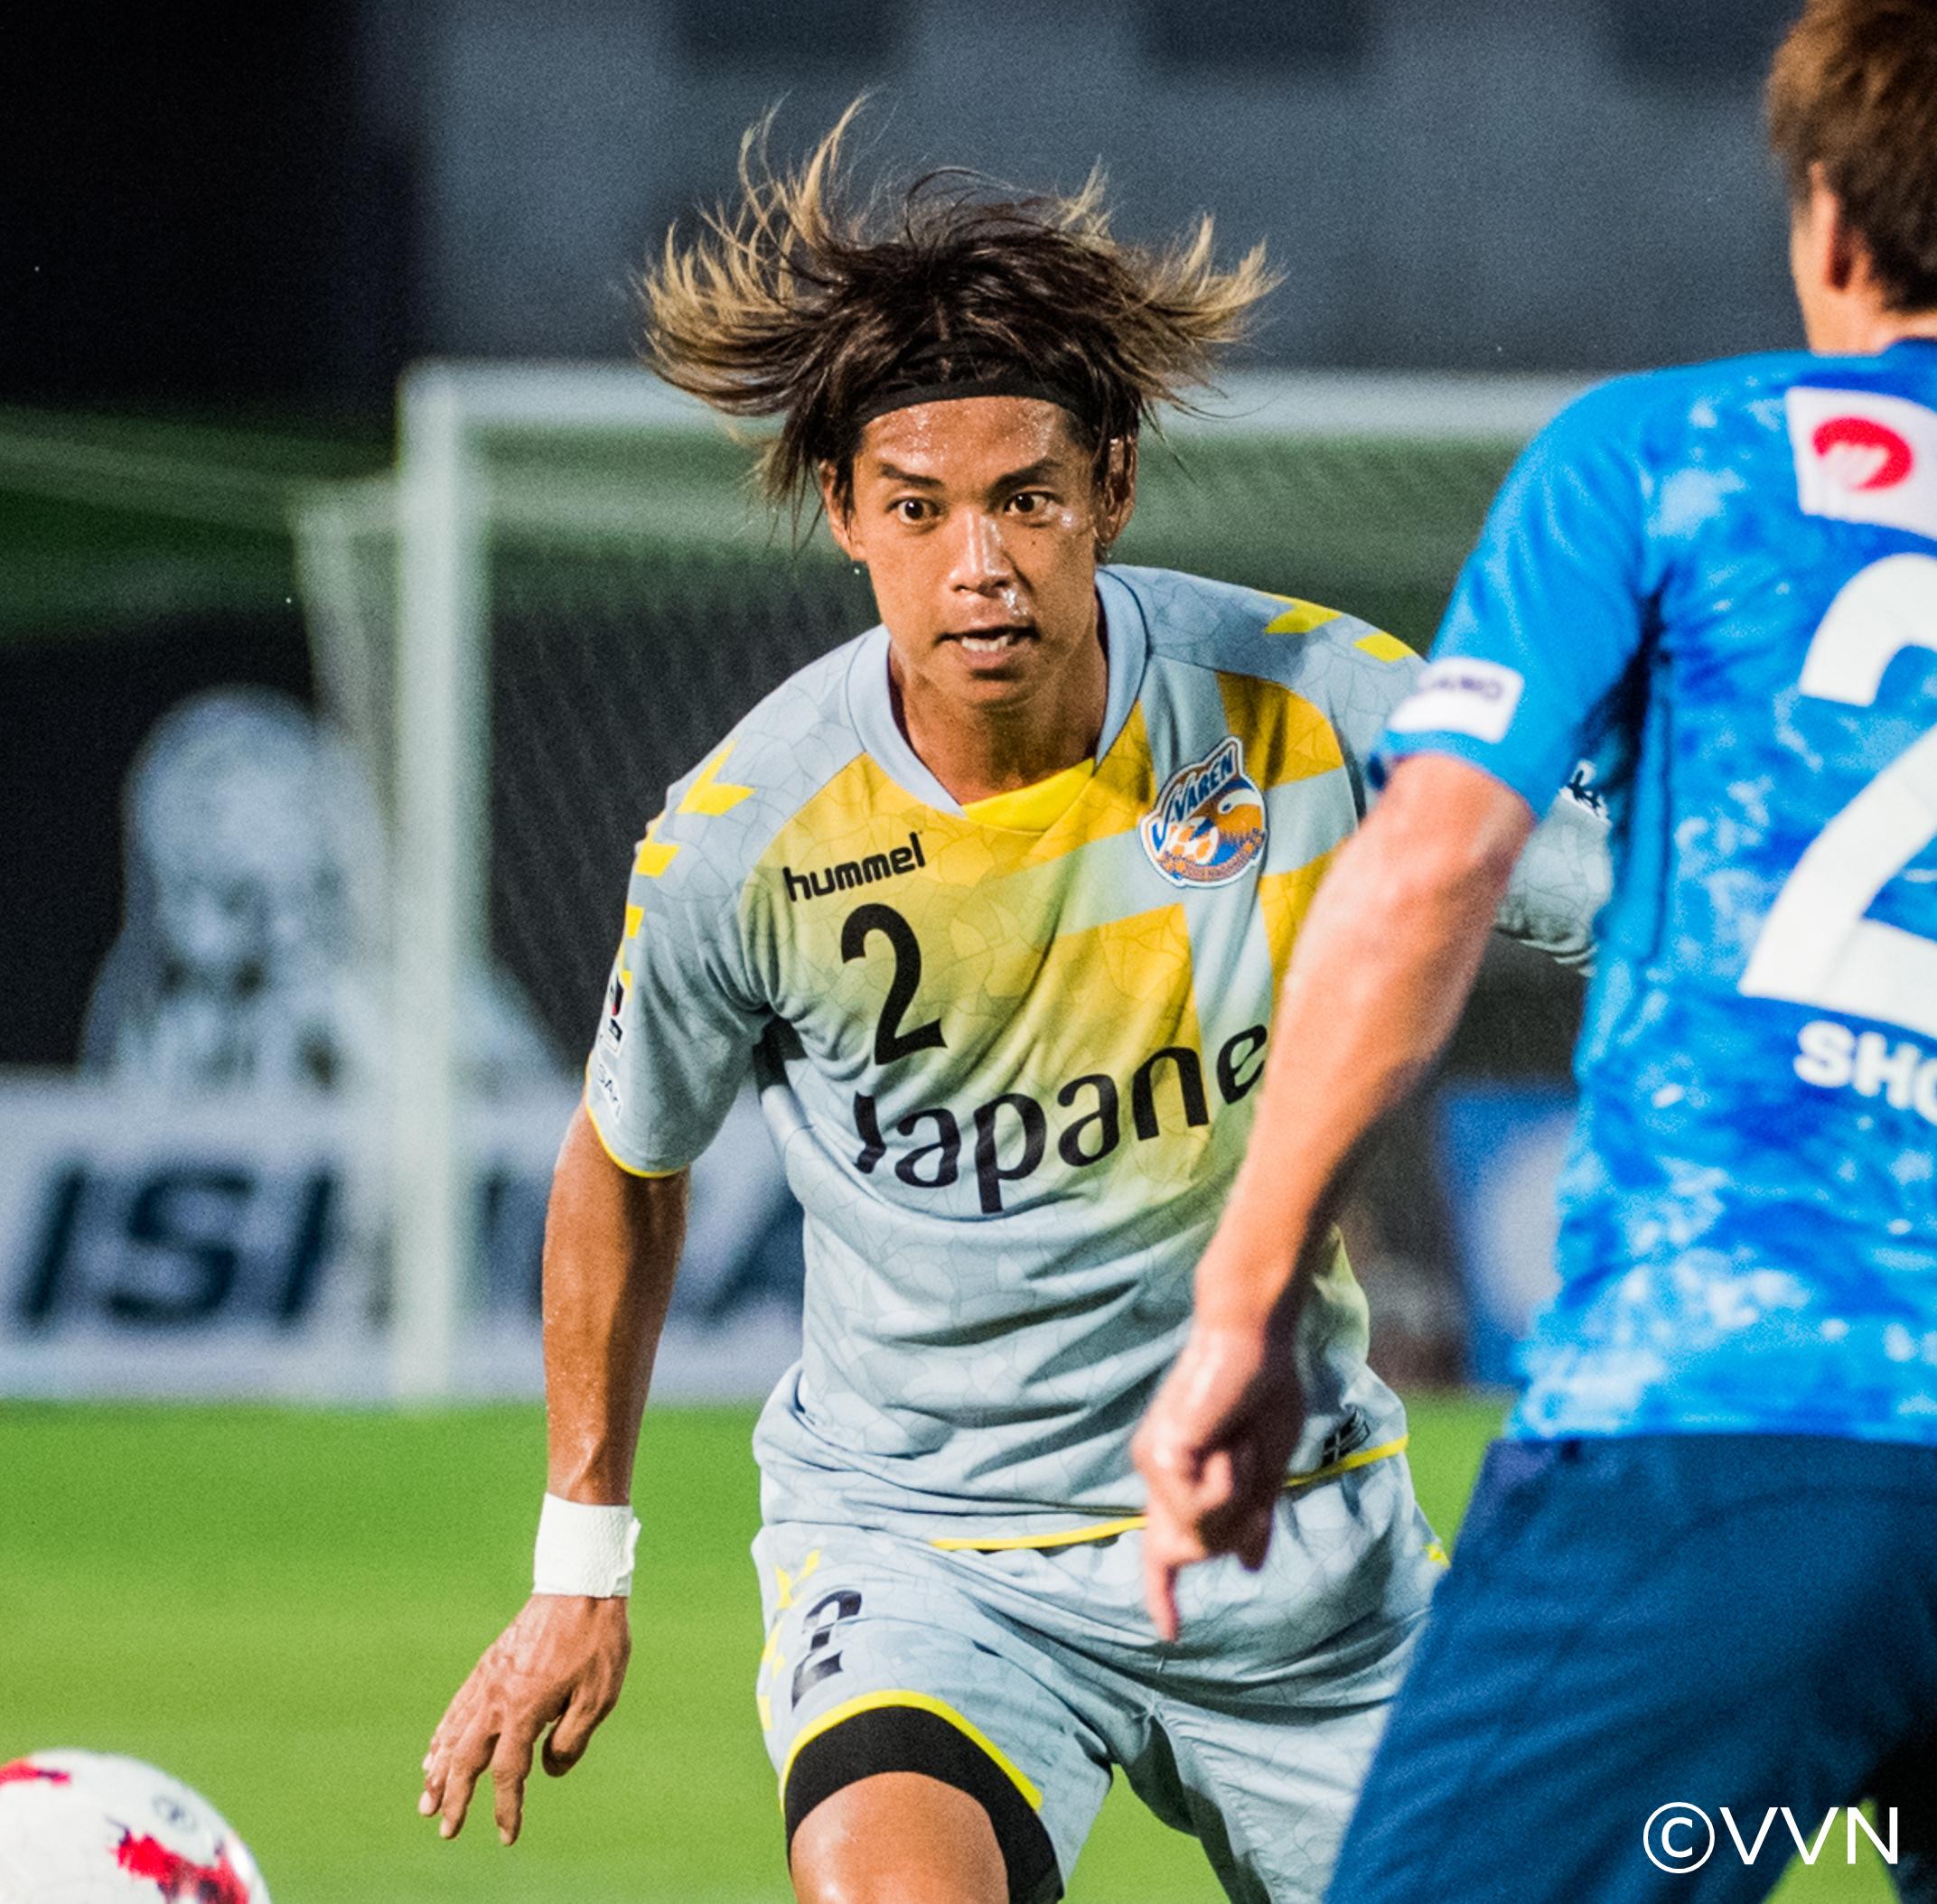 【スターティングメンバー】2017明治安田J2 第24節 横浜FC  vs V・ファーレン長崎 サムネイル